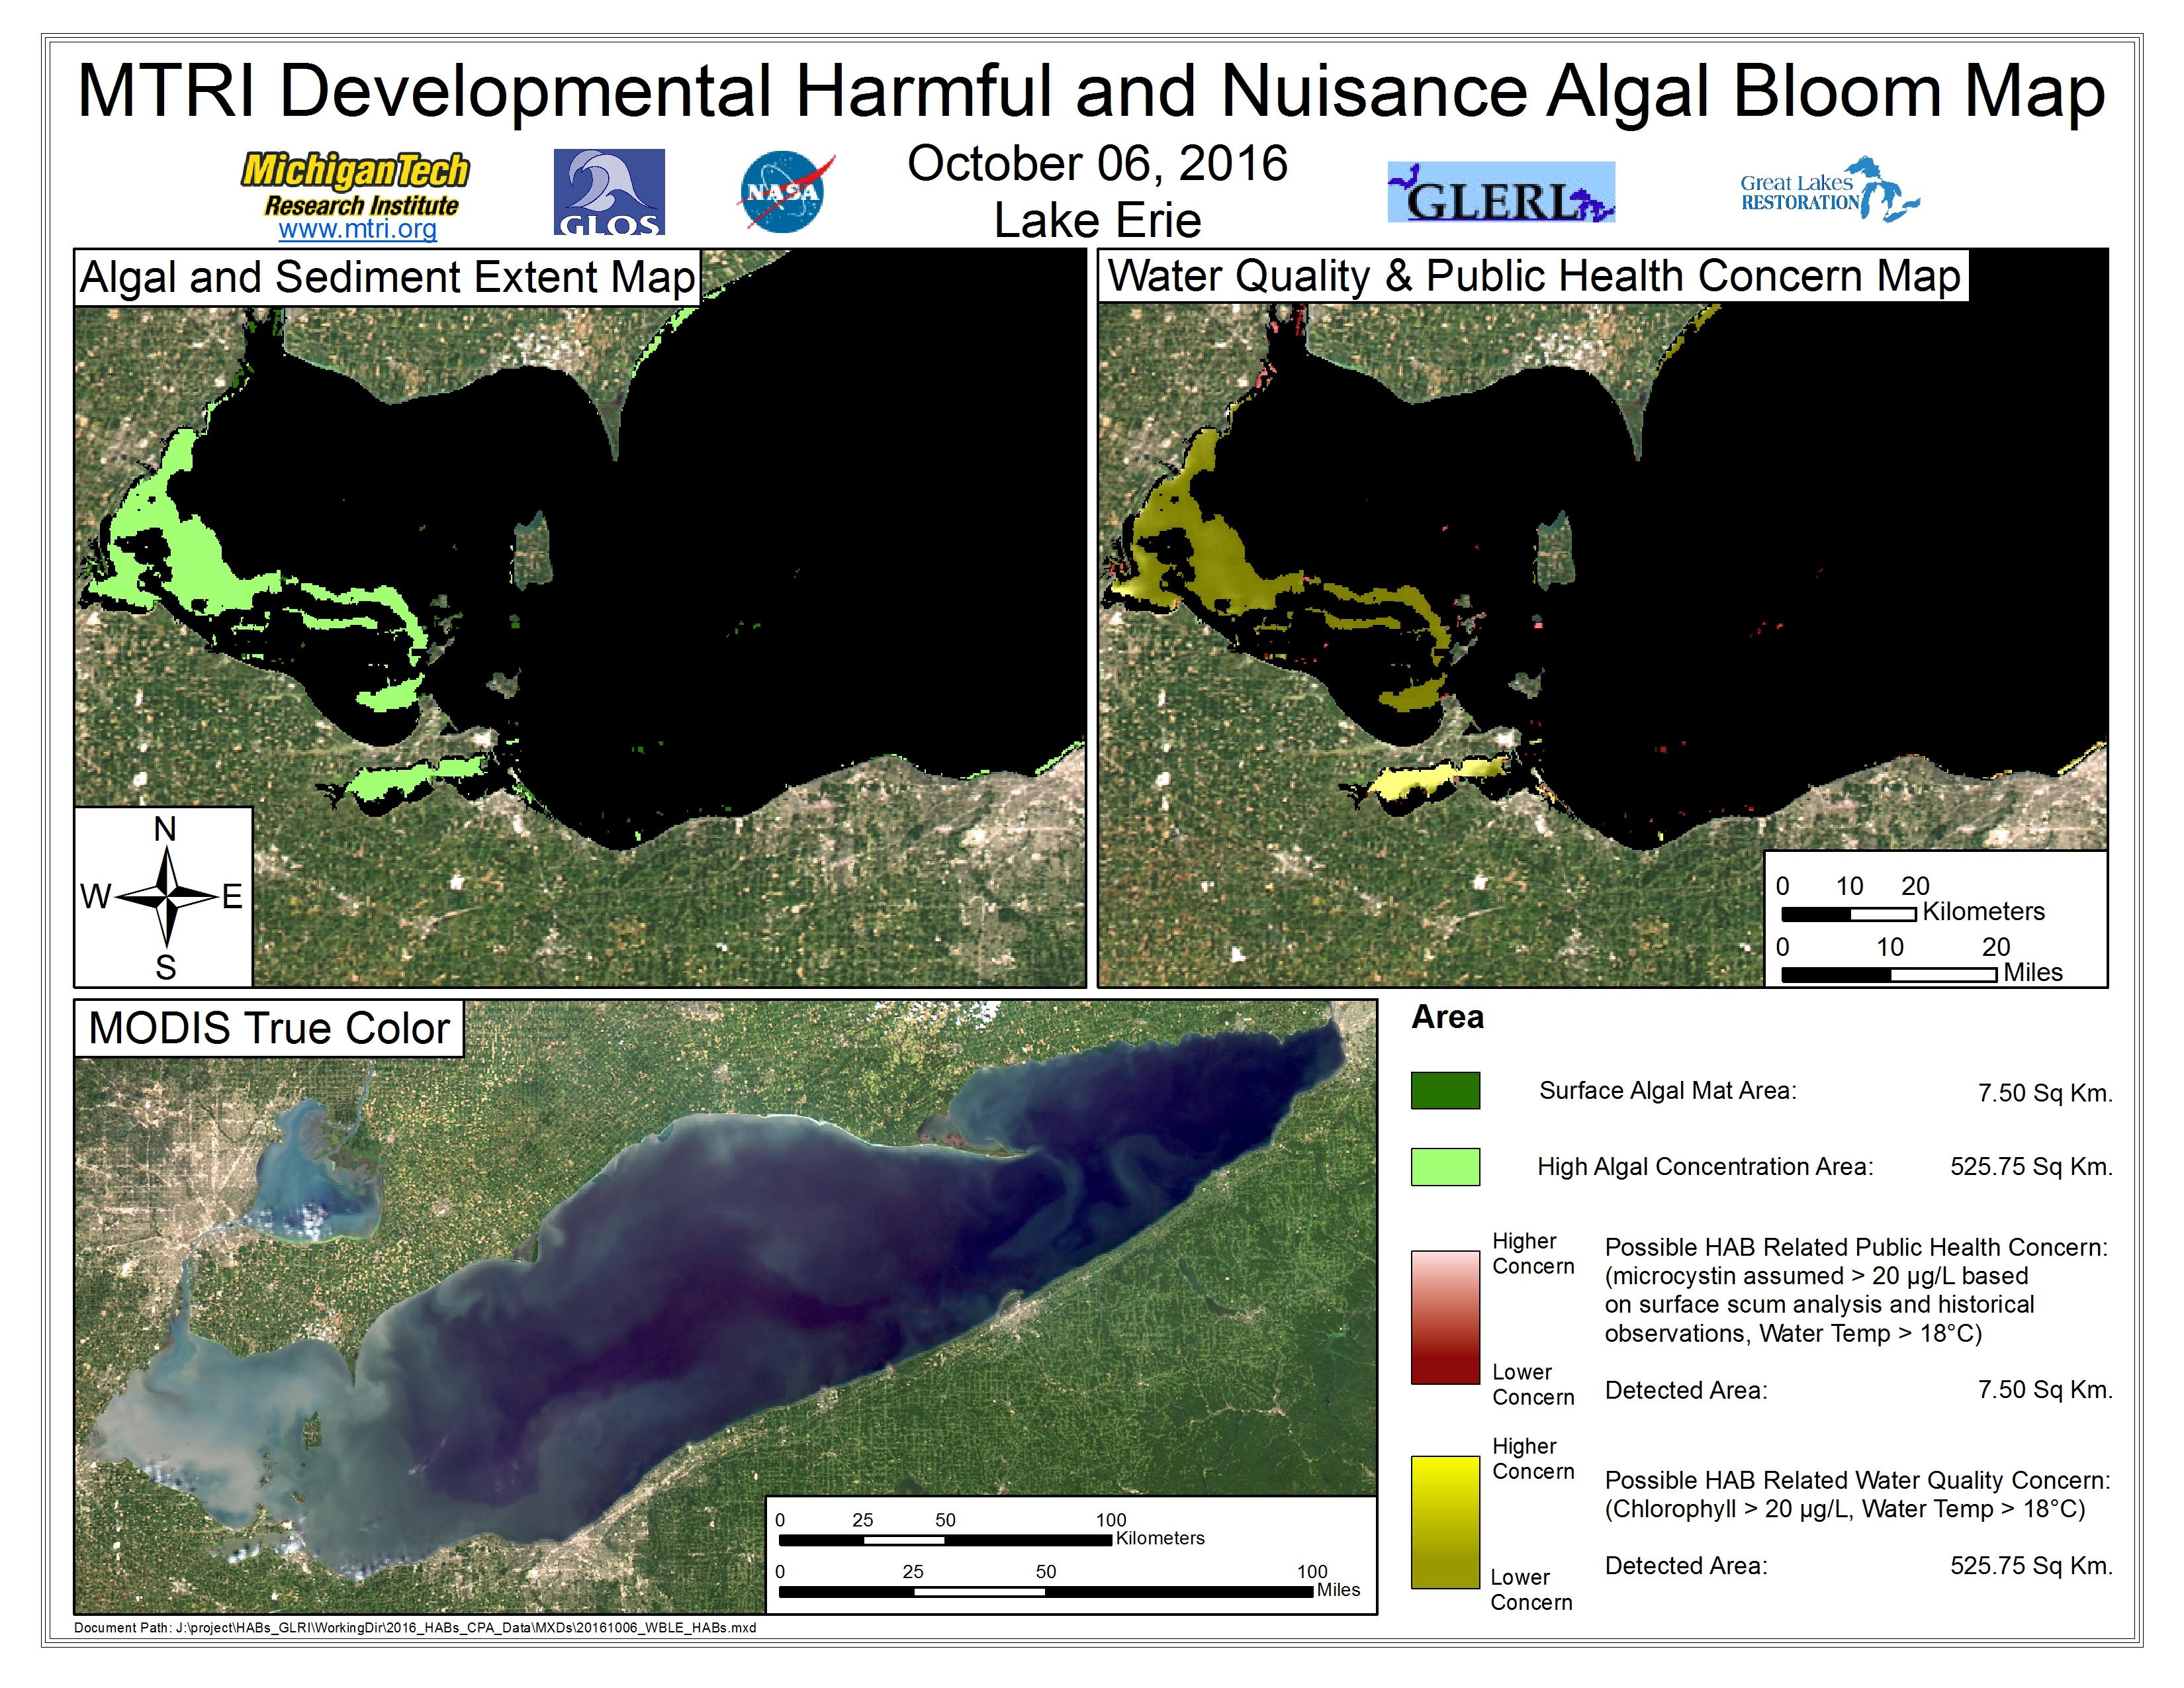 MODIS Aqua retrieval October 06, 2016